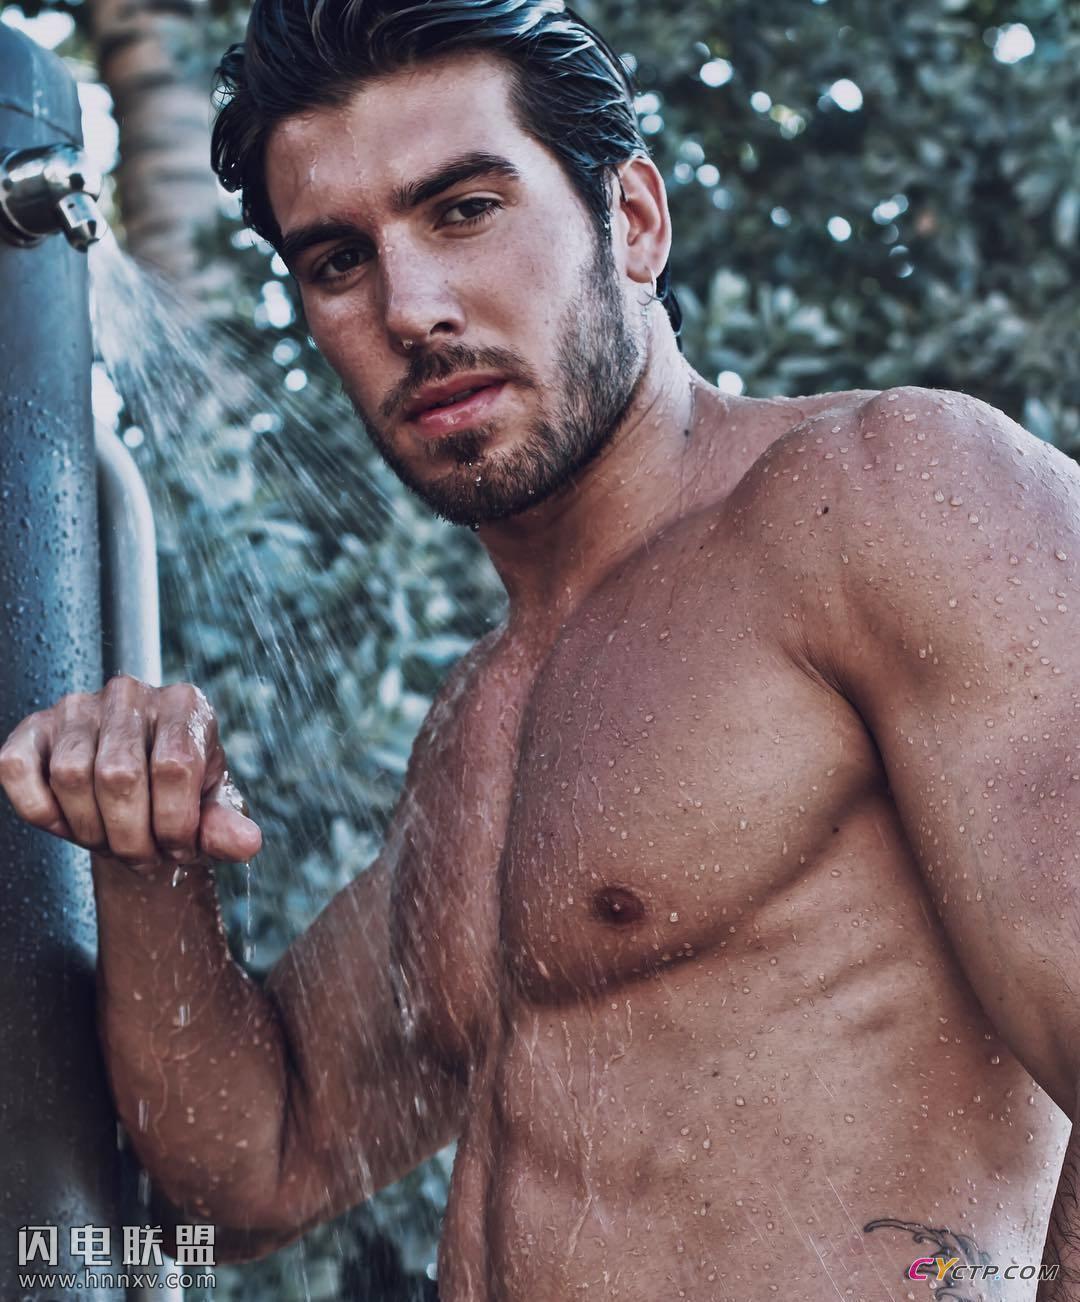 欧美肌肉帅哥户外洗澡身材性感图片